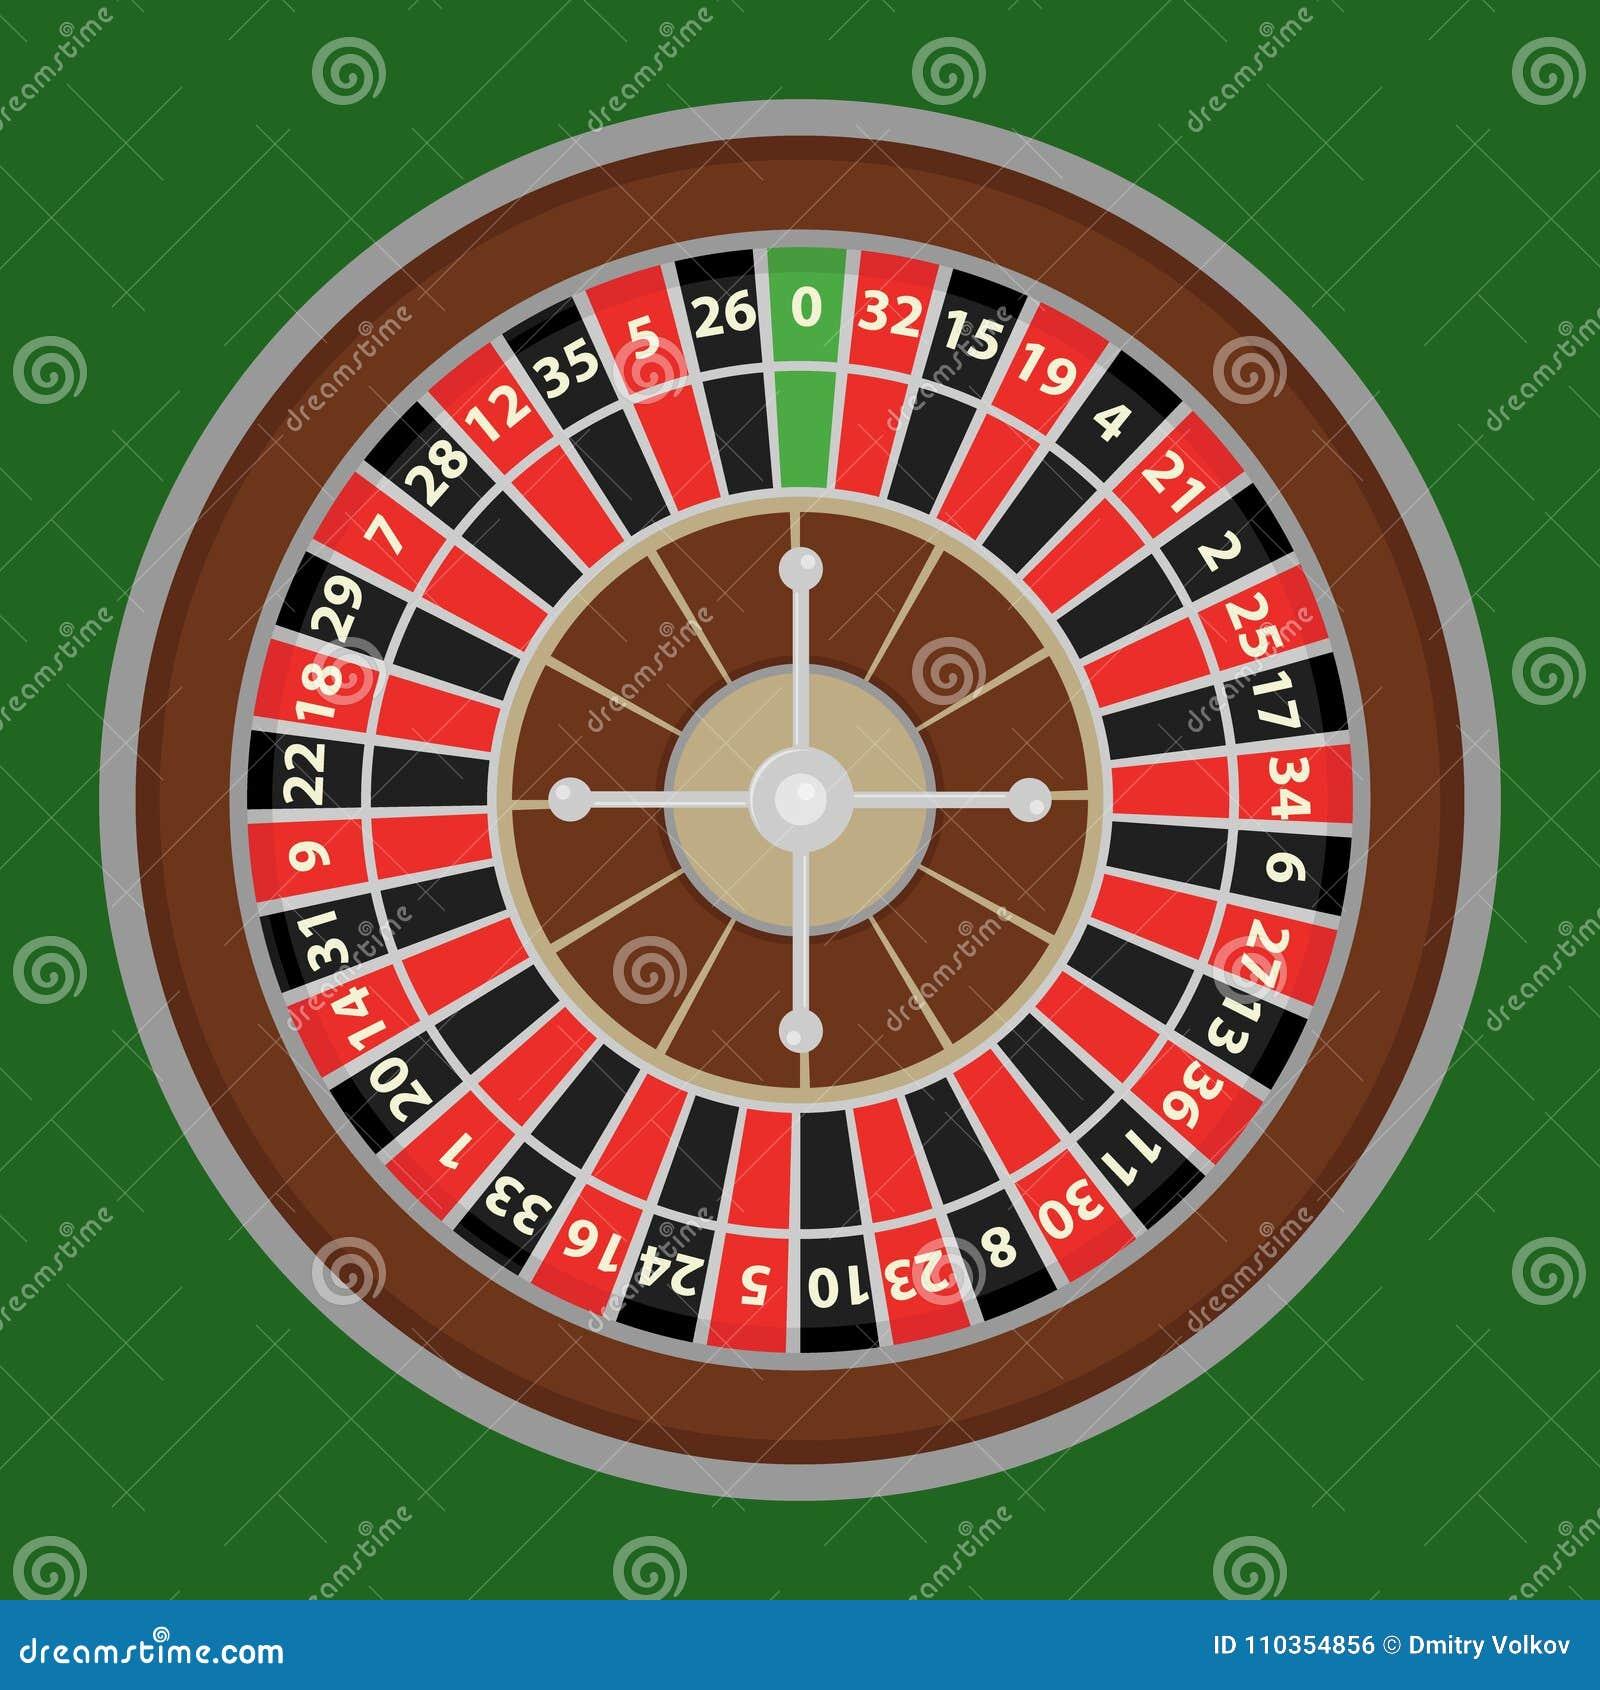 Рулетка казино картинка форум казино уже